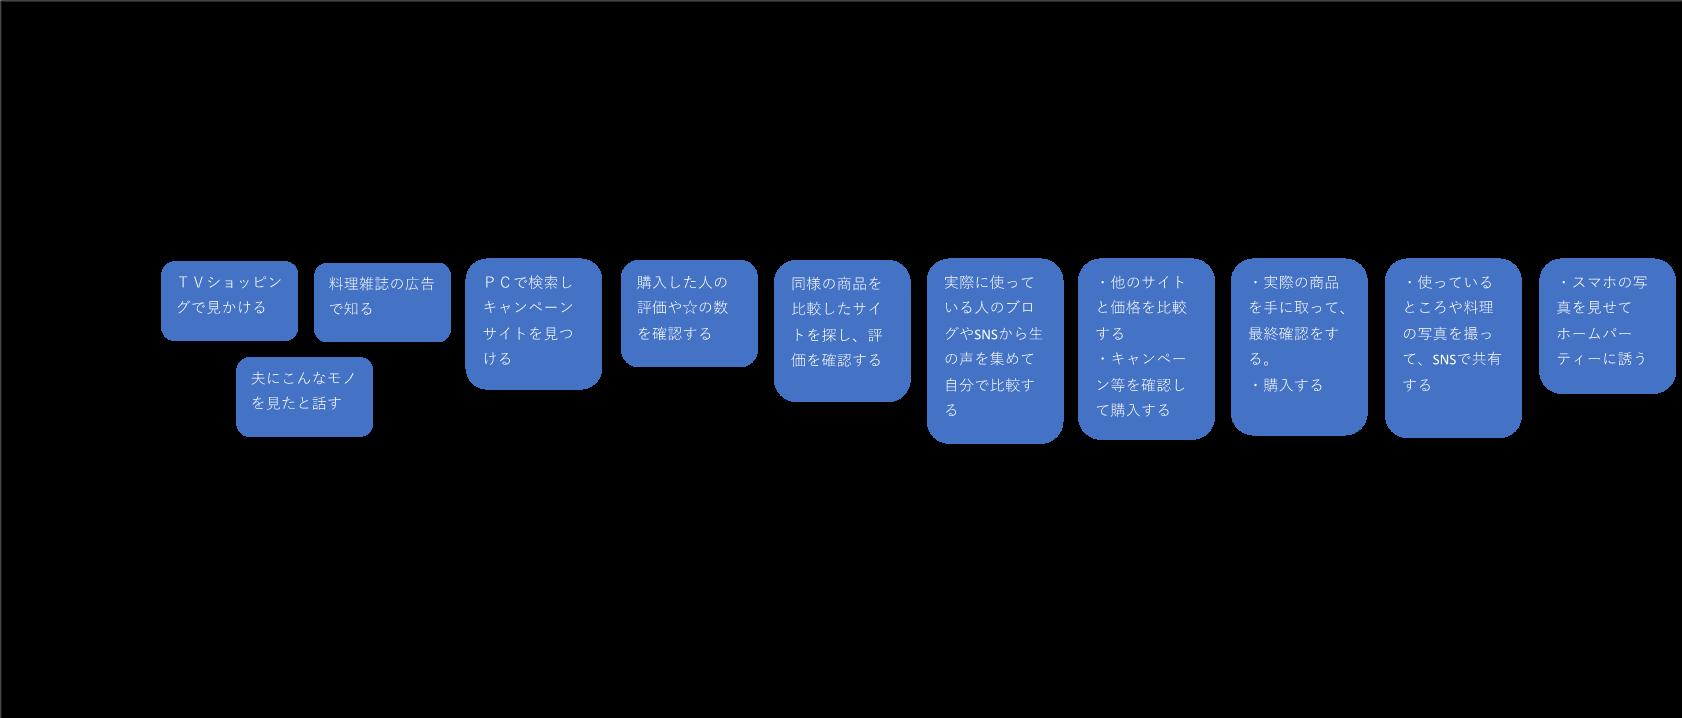 カスタマージャーマップの記入例4